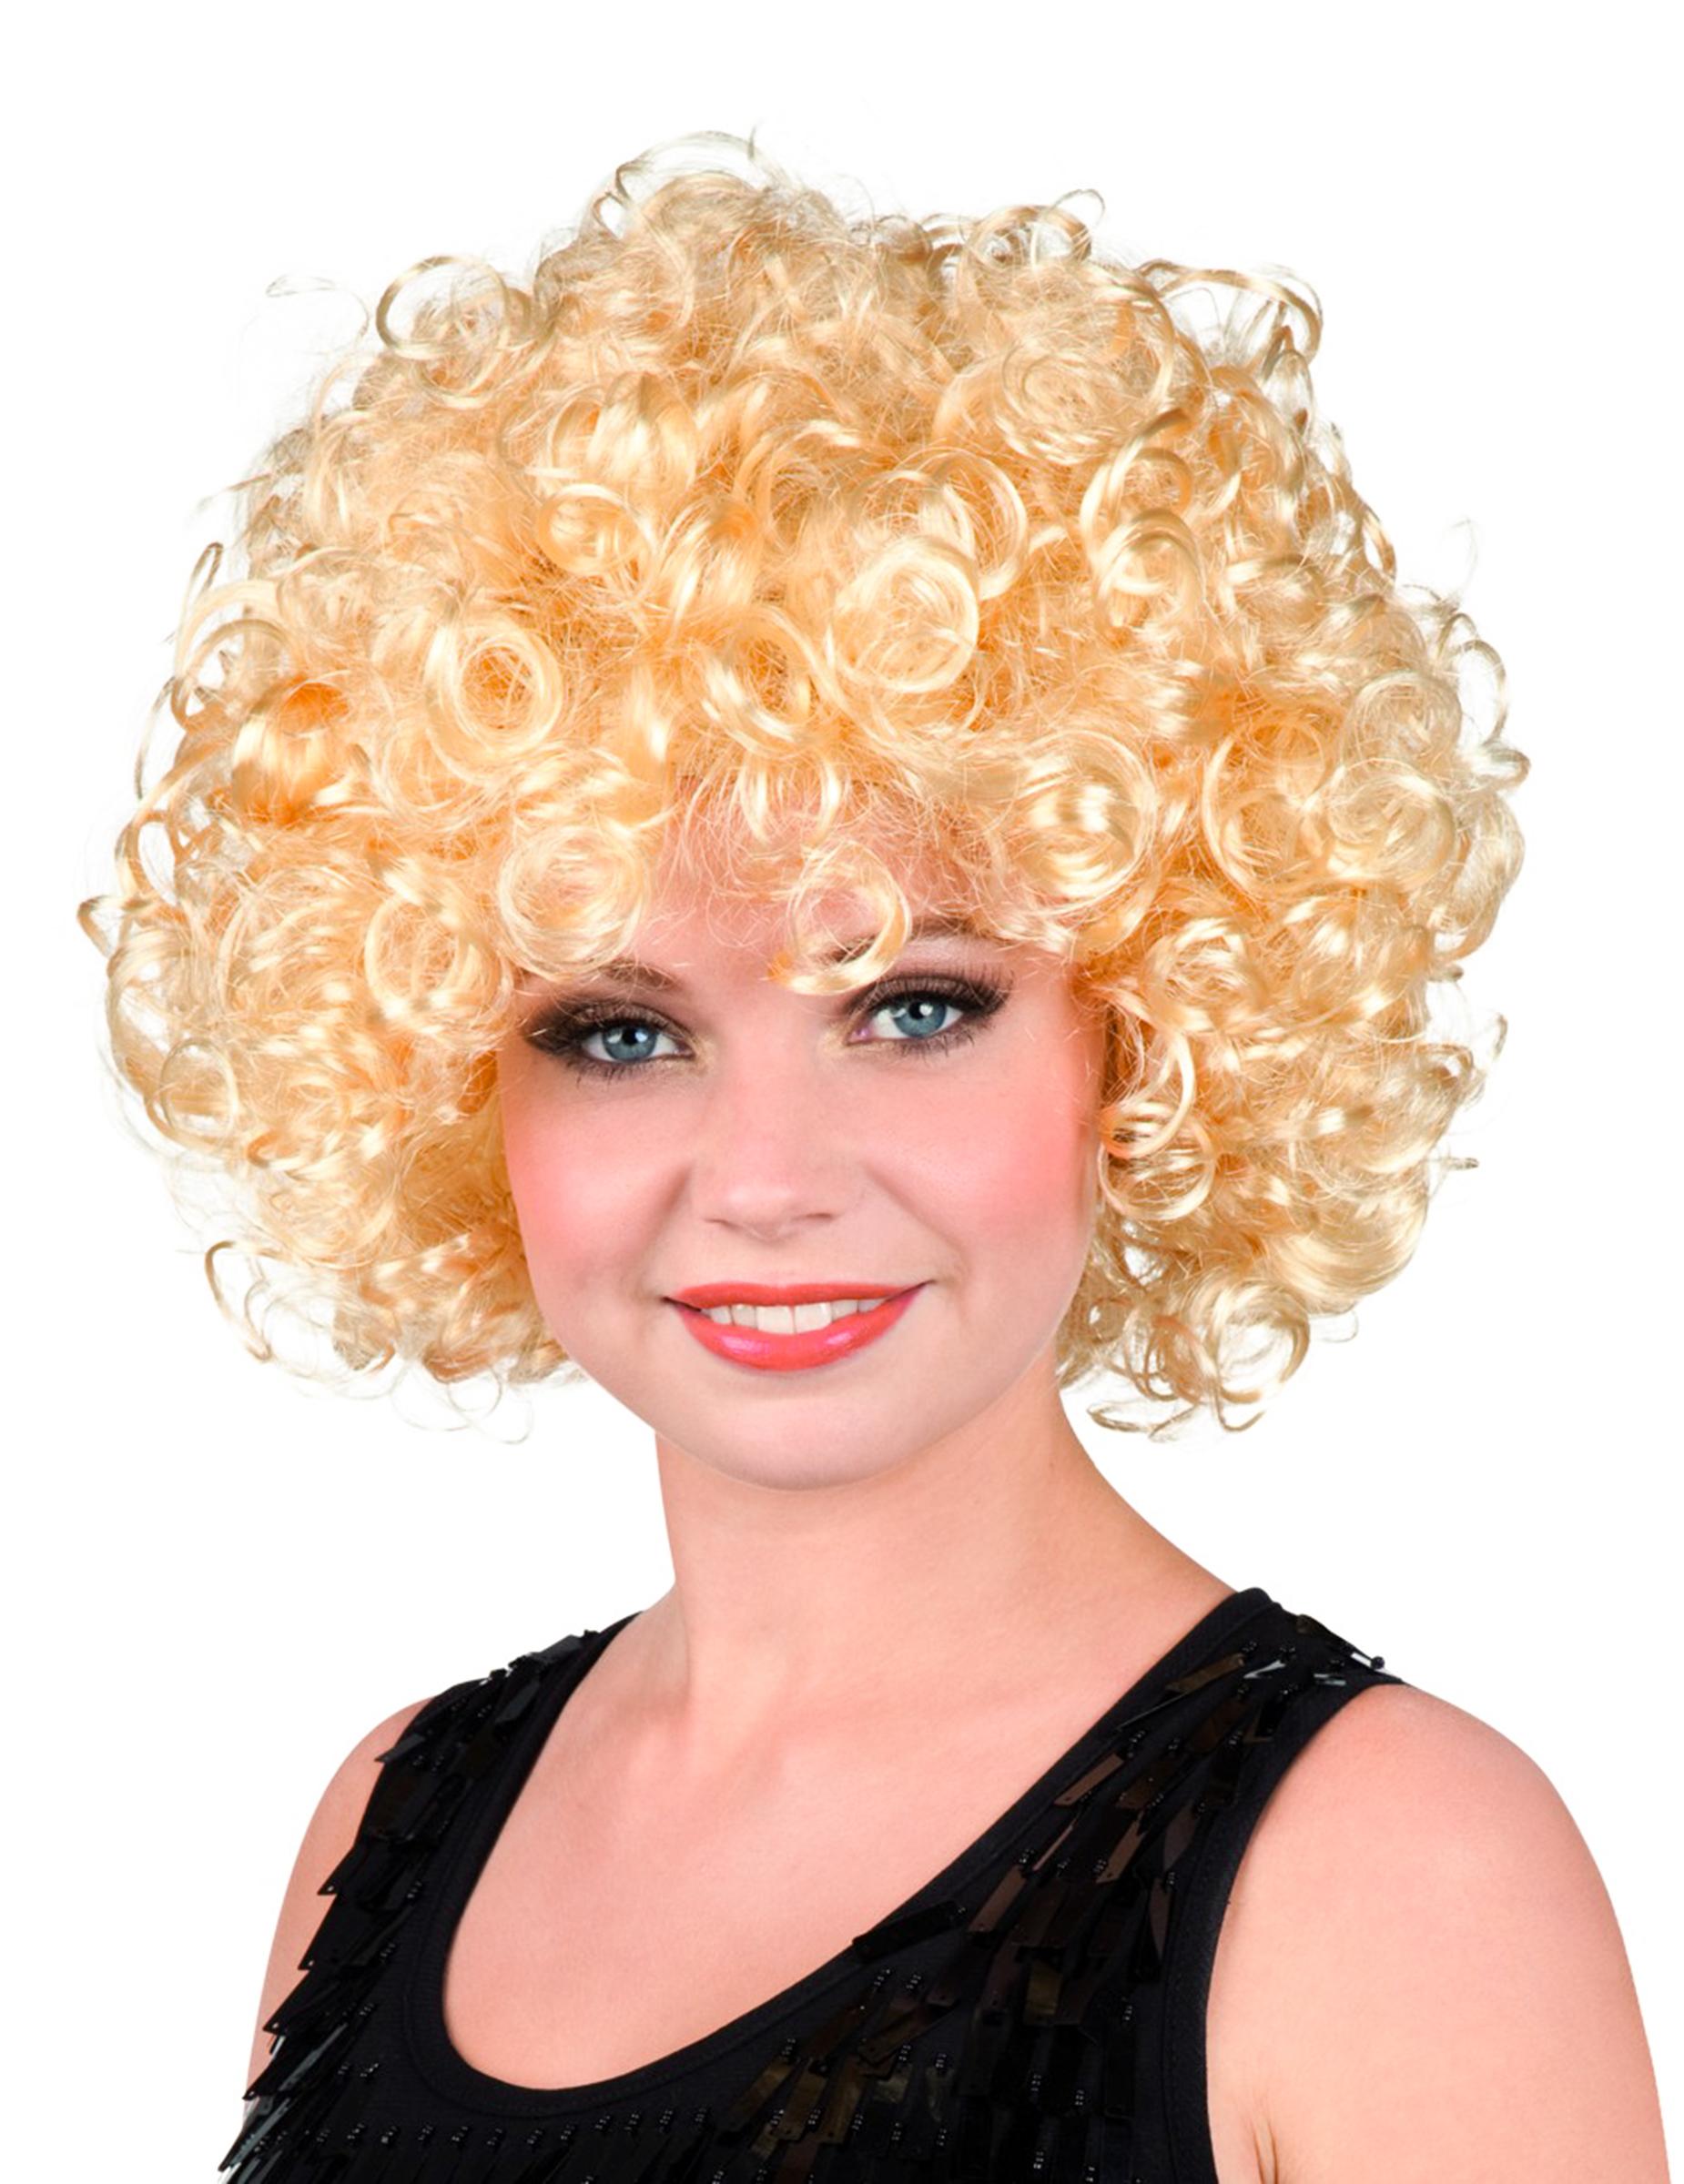 Blonde wig - Femme blonde photo ...